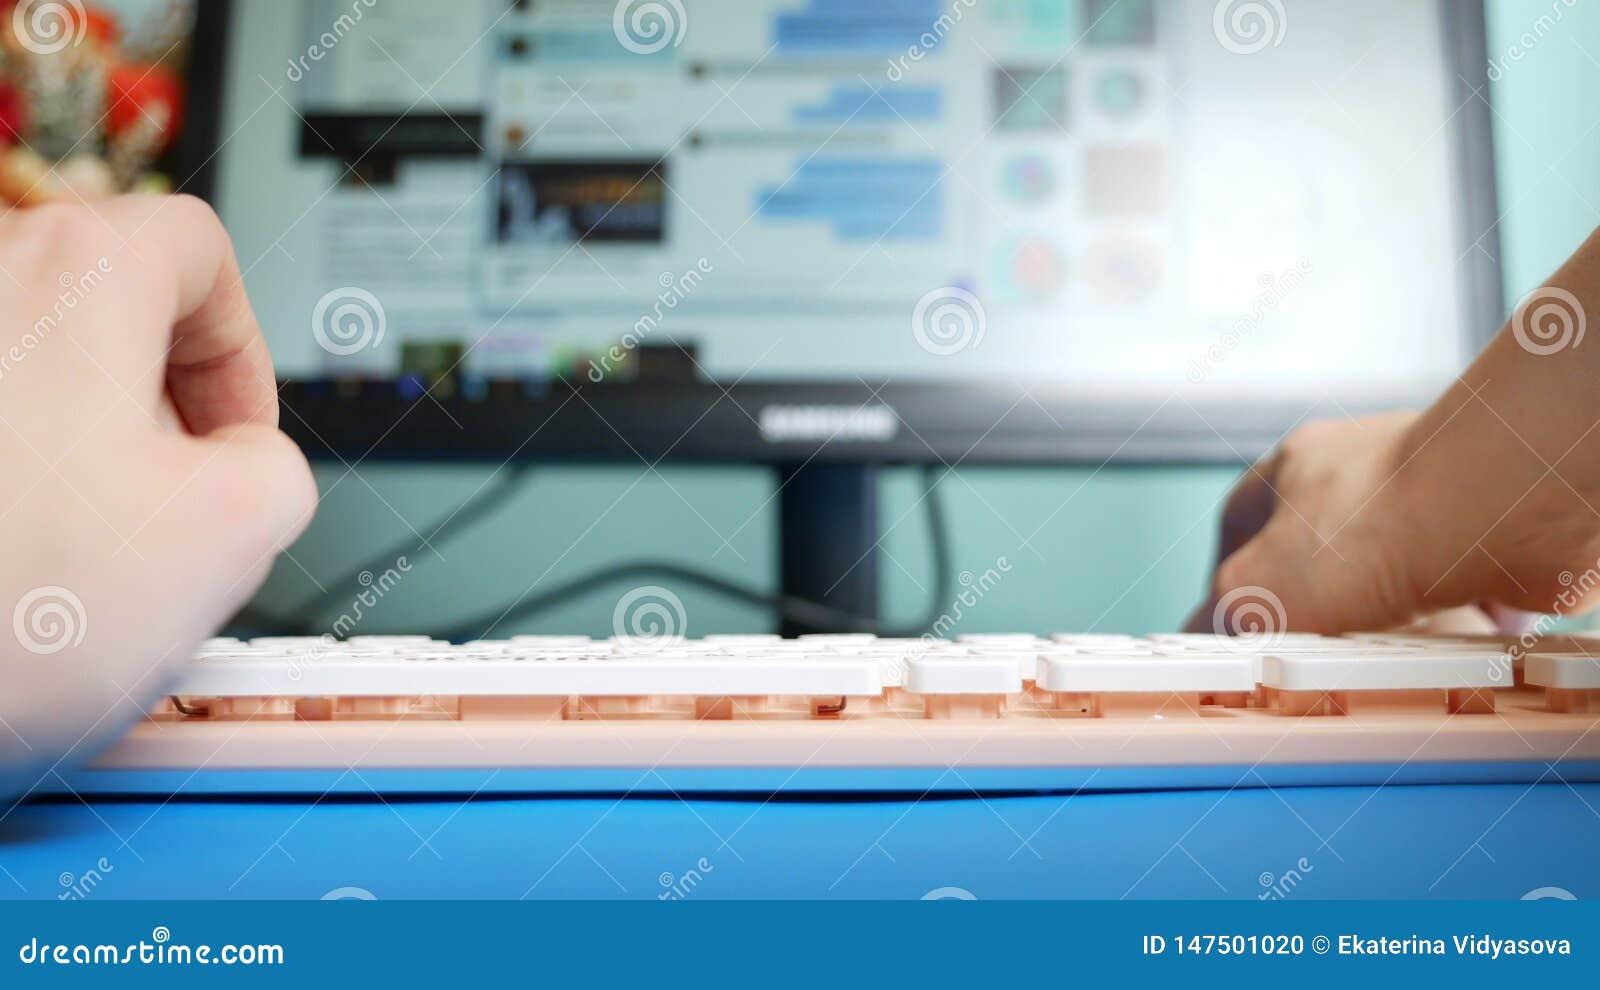 : : Женские руки печатая на сообщениях розовых клавиатуры в социальных сетях, на фоне